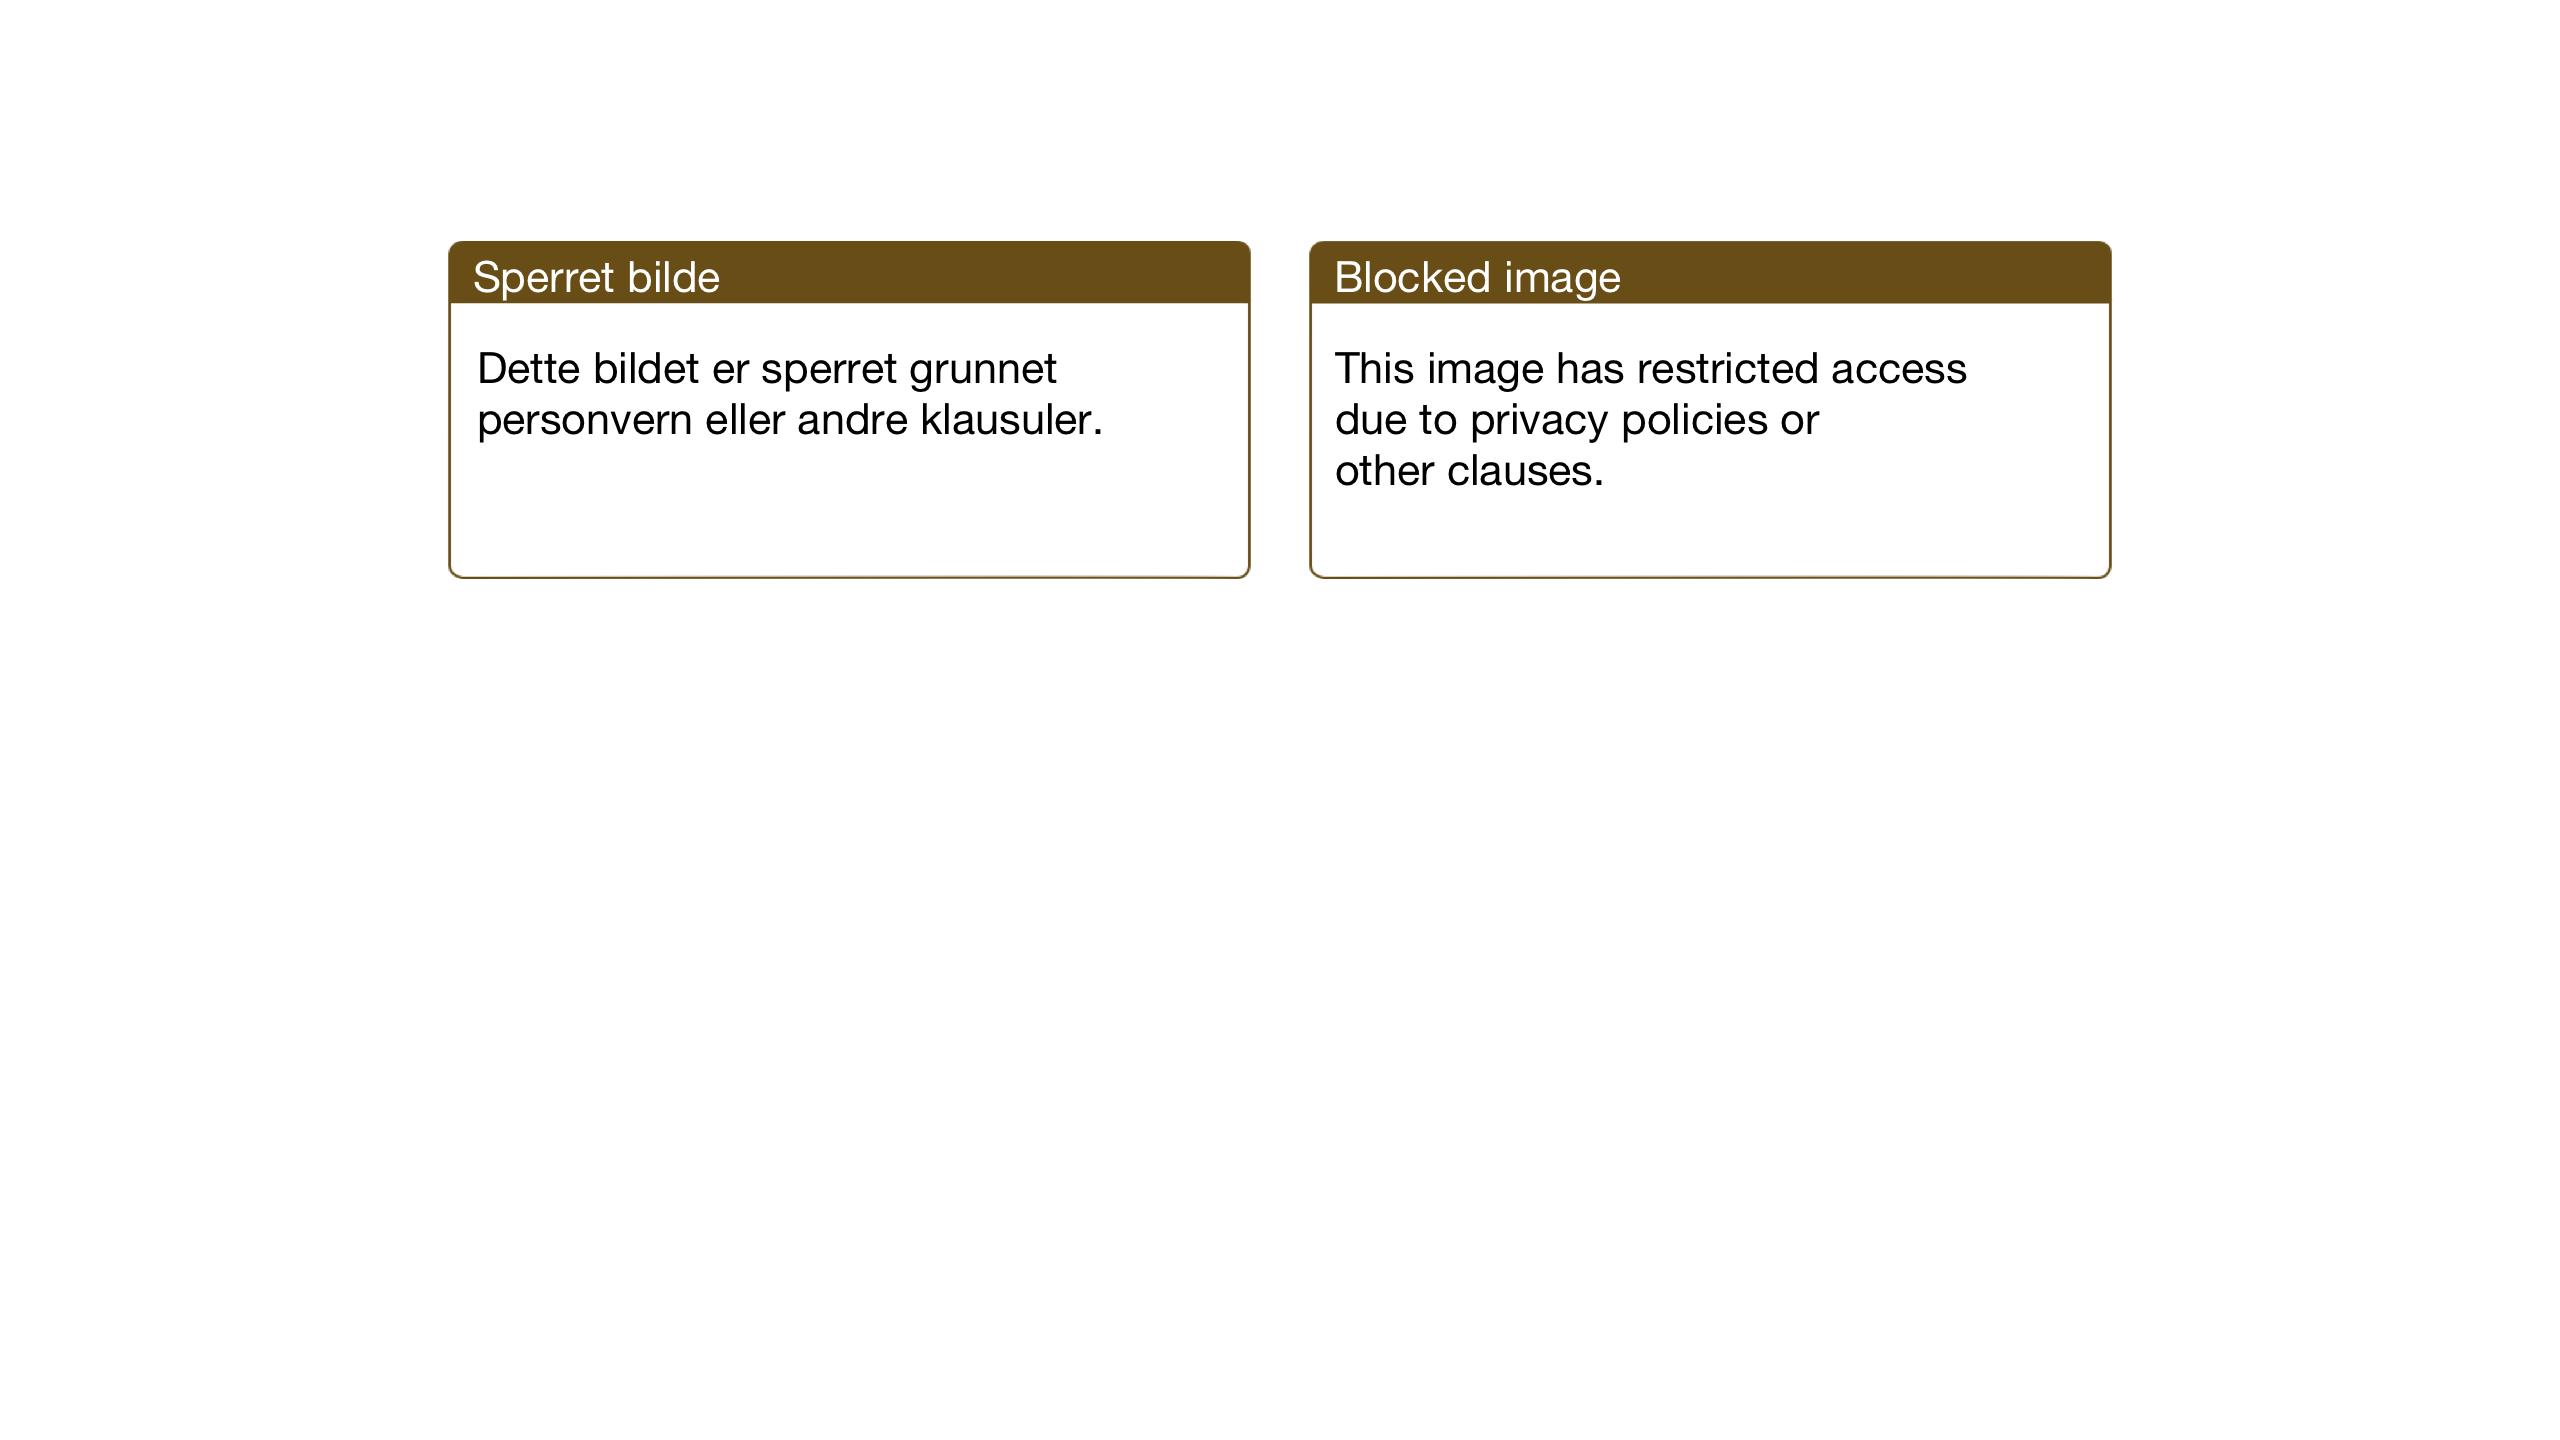 SAT, Ministerialprotokoller, klokkerbøker og fødselsregistre - Nord-Trøndelag, 770/L0591: Klokkerbok nr. 770C02, 1902-1940, s. 72